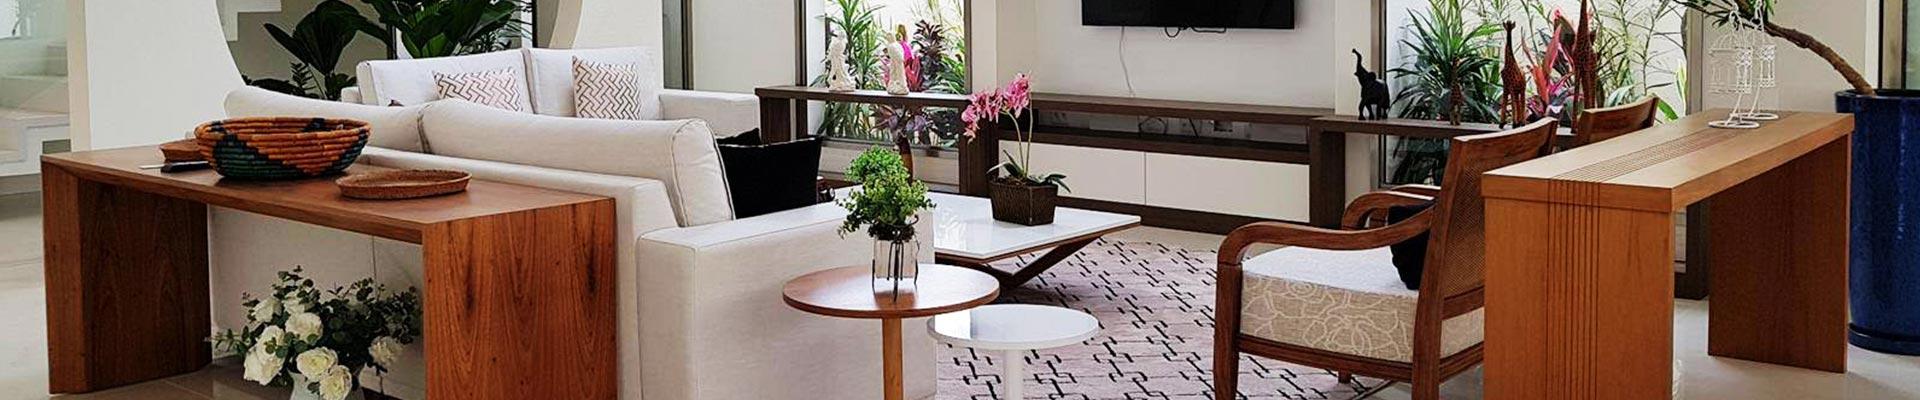 Blog Prates Riviera Negócios imobiliários-Banner